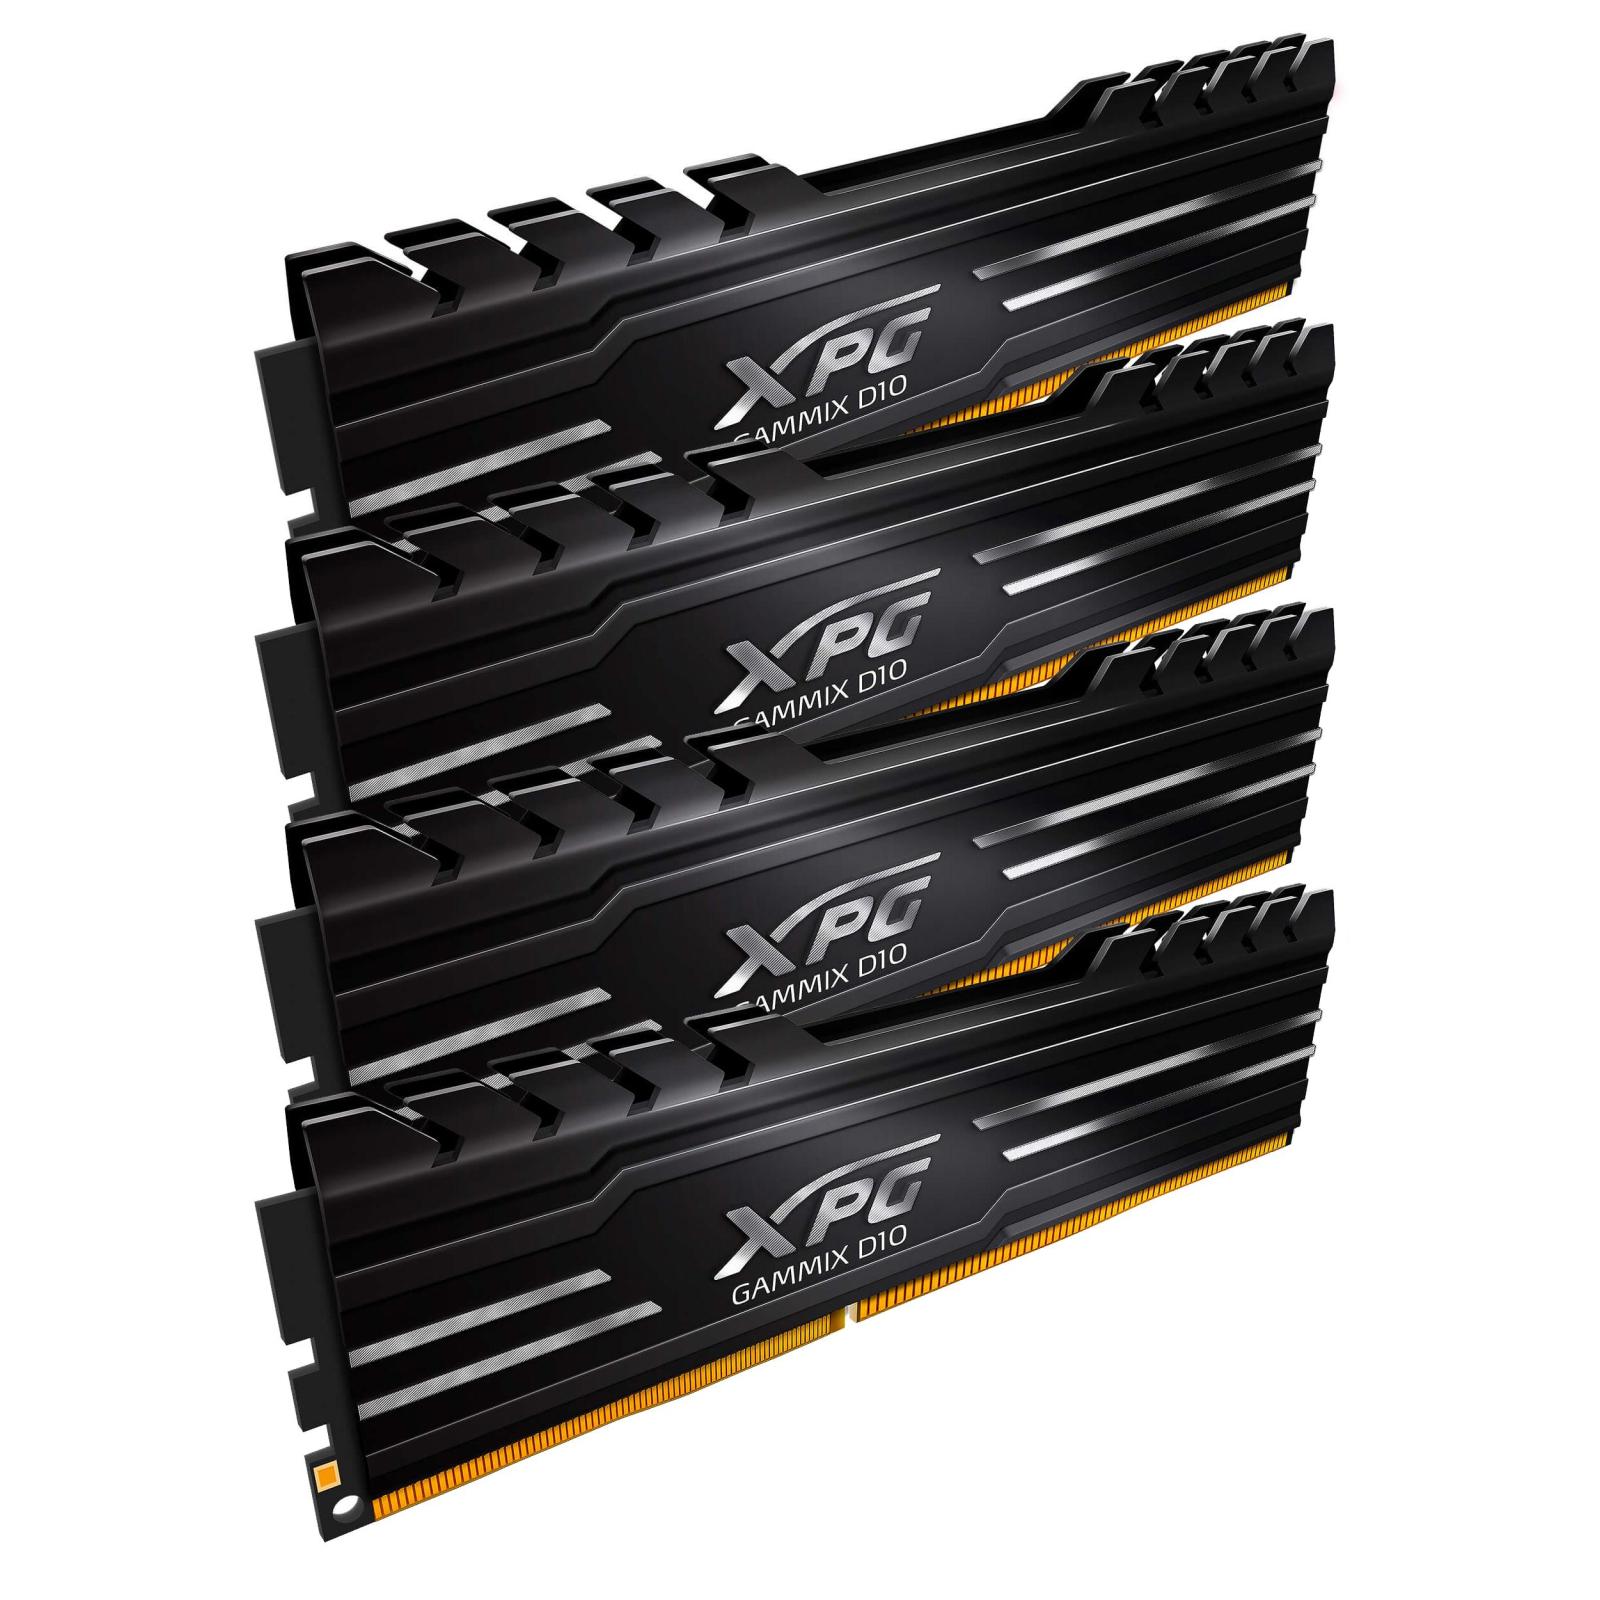 Модуль памяти для компьютера DDR4 16GB (4x4GB) 2400 MHz XPG Gammix D10 Black ADATA (AX4U2400W4G16-QBG) изображение 2